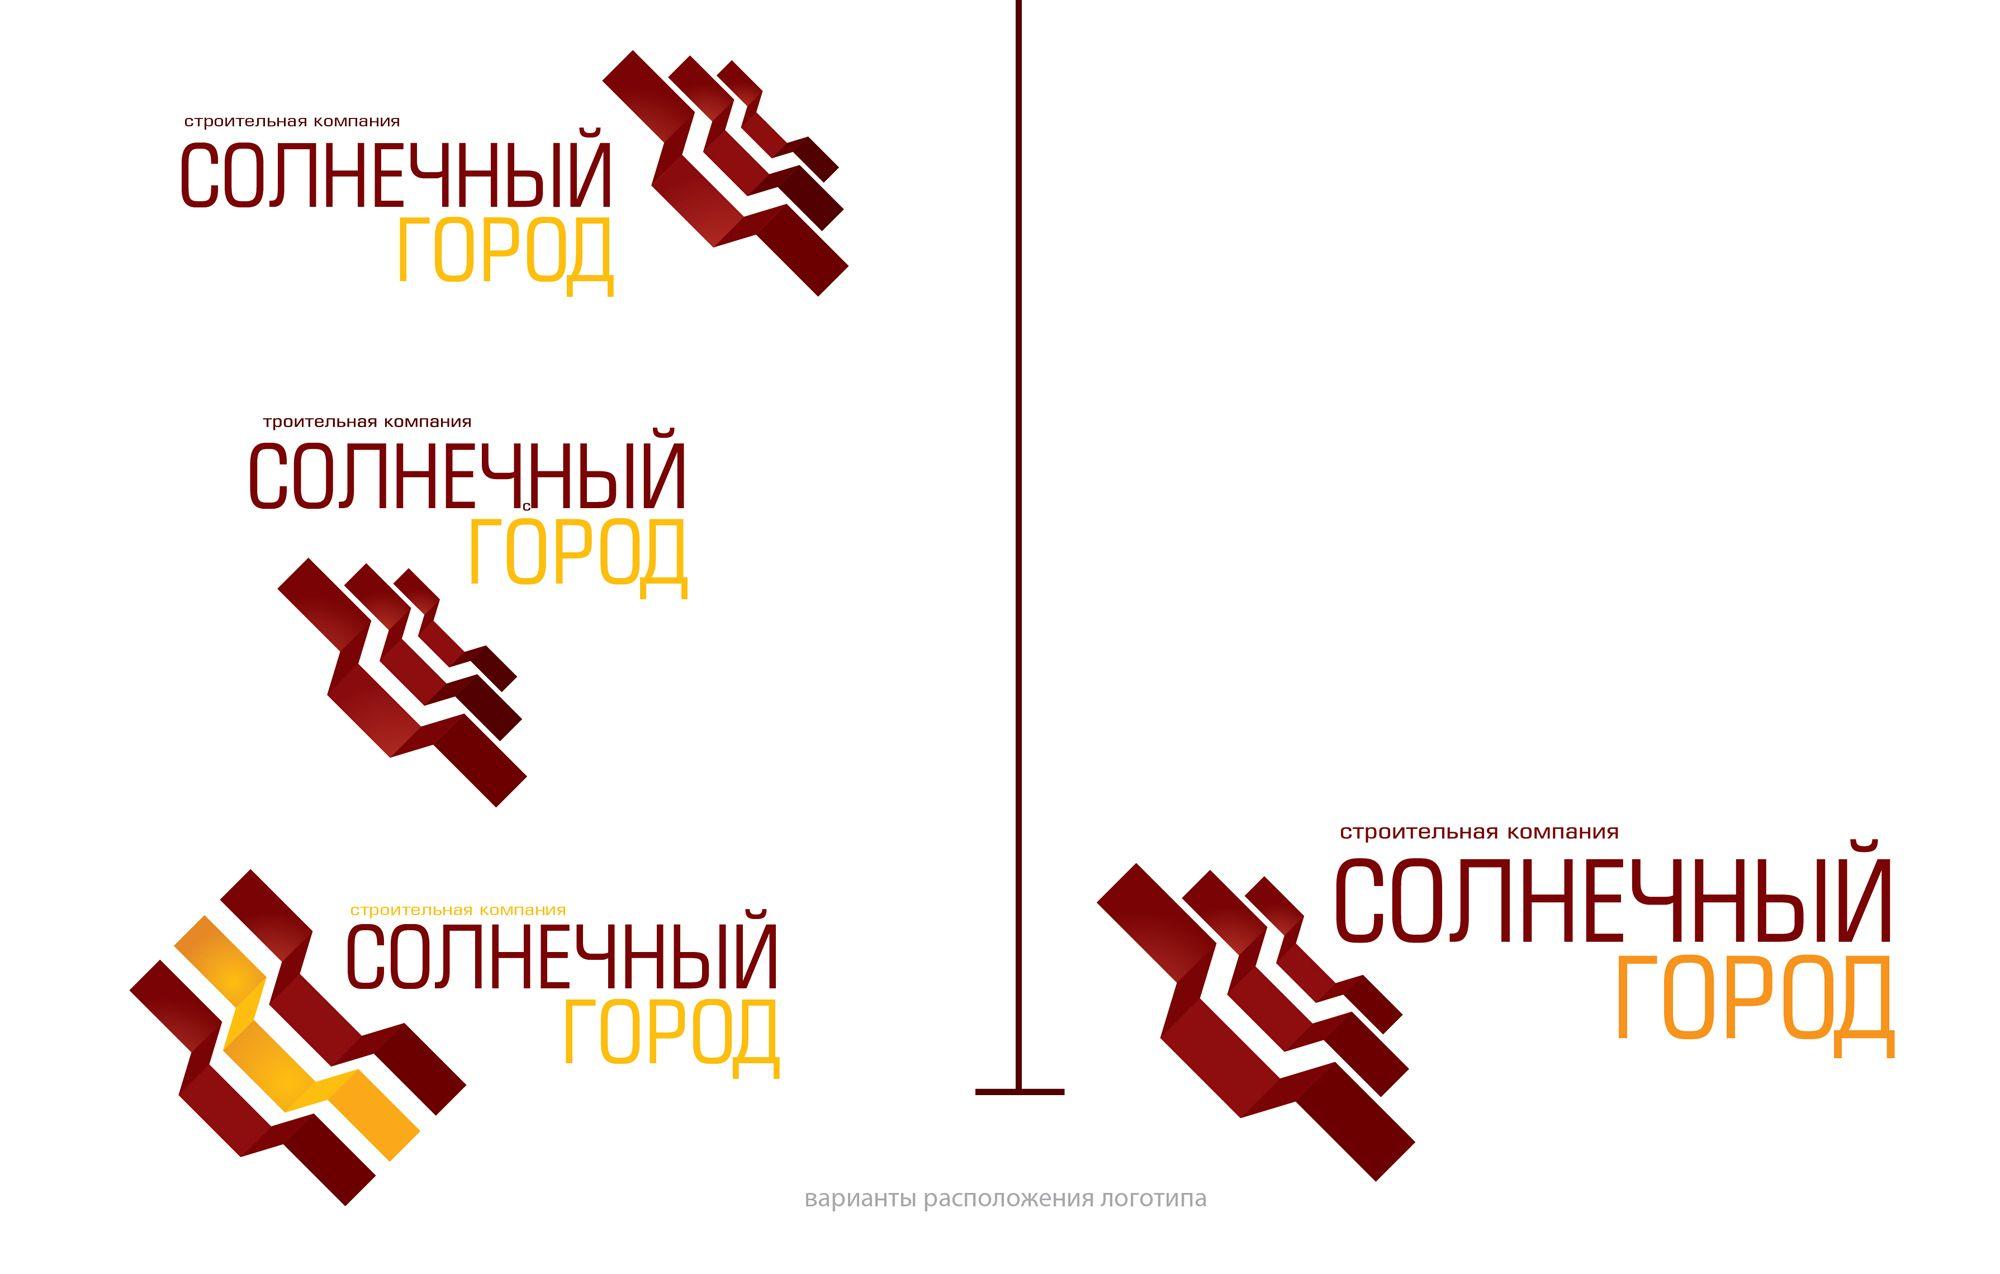 Логотип для солнечного города - дизайнер kakakio25